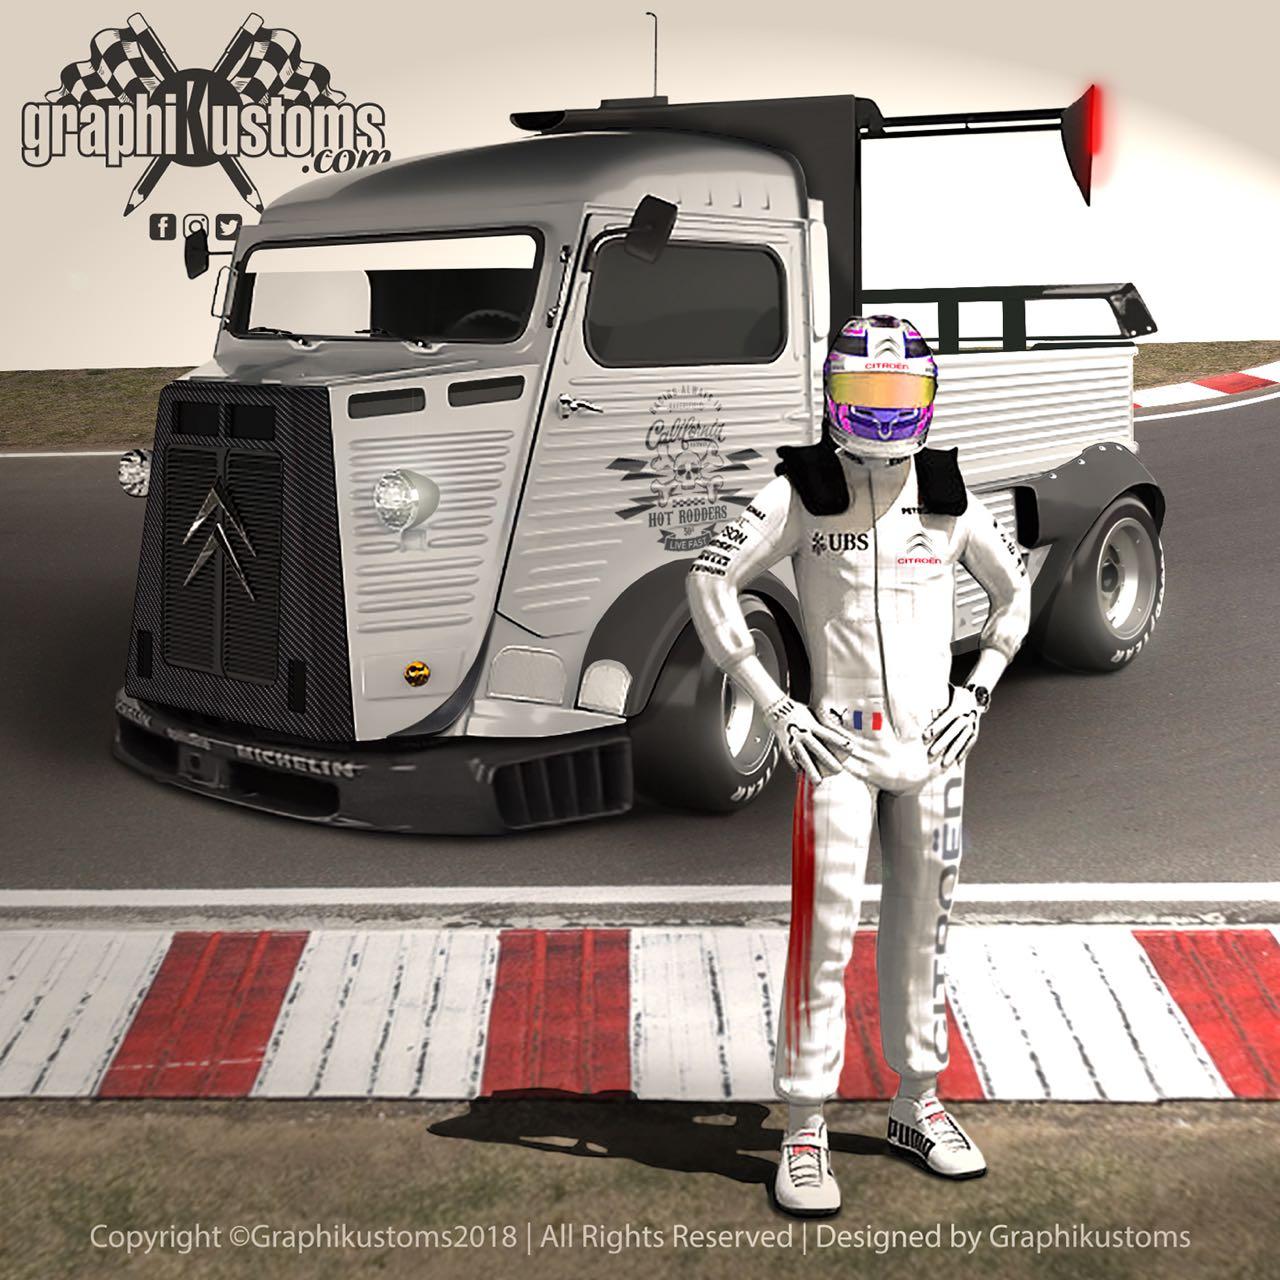 #Petrolhead : Graphikustoms - Le talent de Julien 14